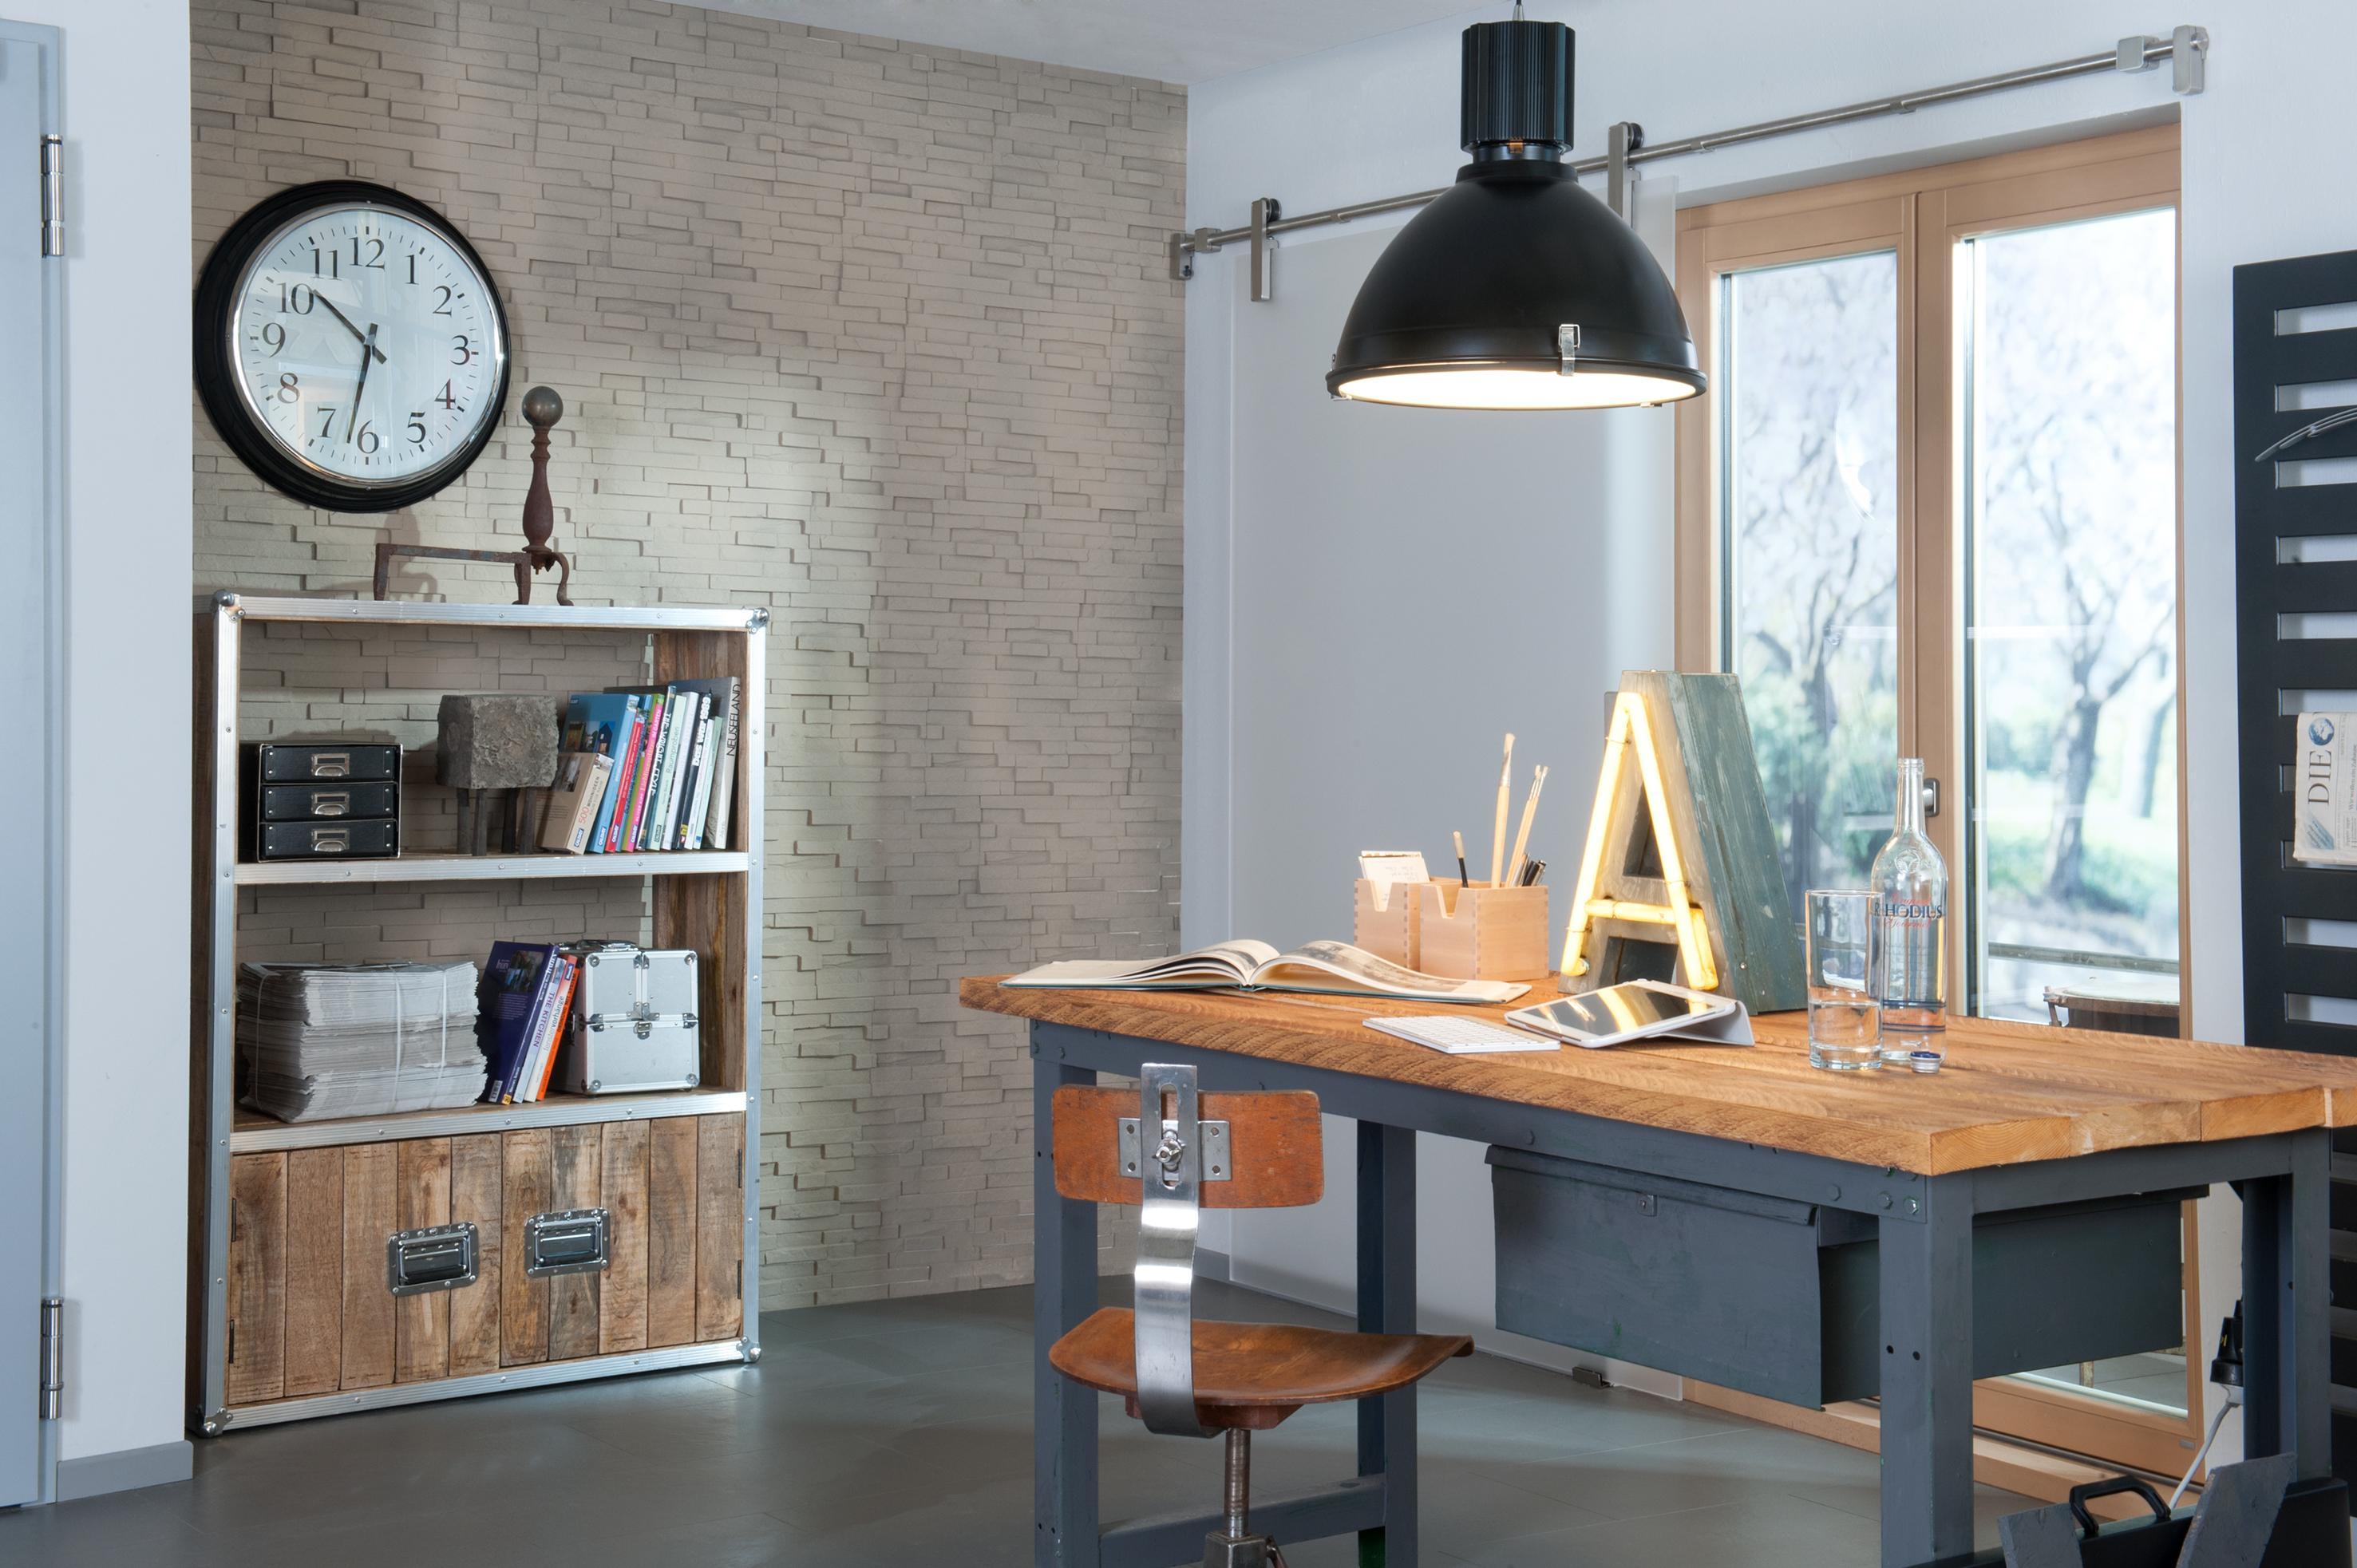 Arbeitszimmer wandgestaltung  Wandgestaltung für das Arbeitszimmer • Bilder & Idee...